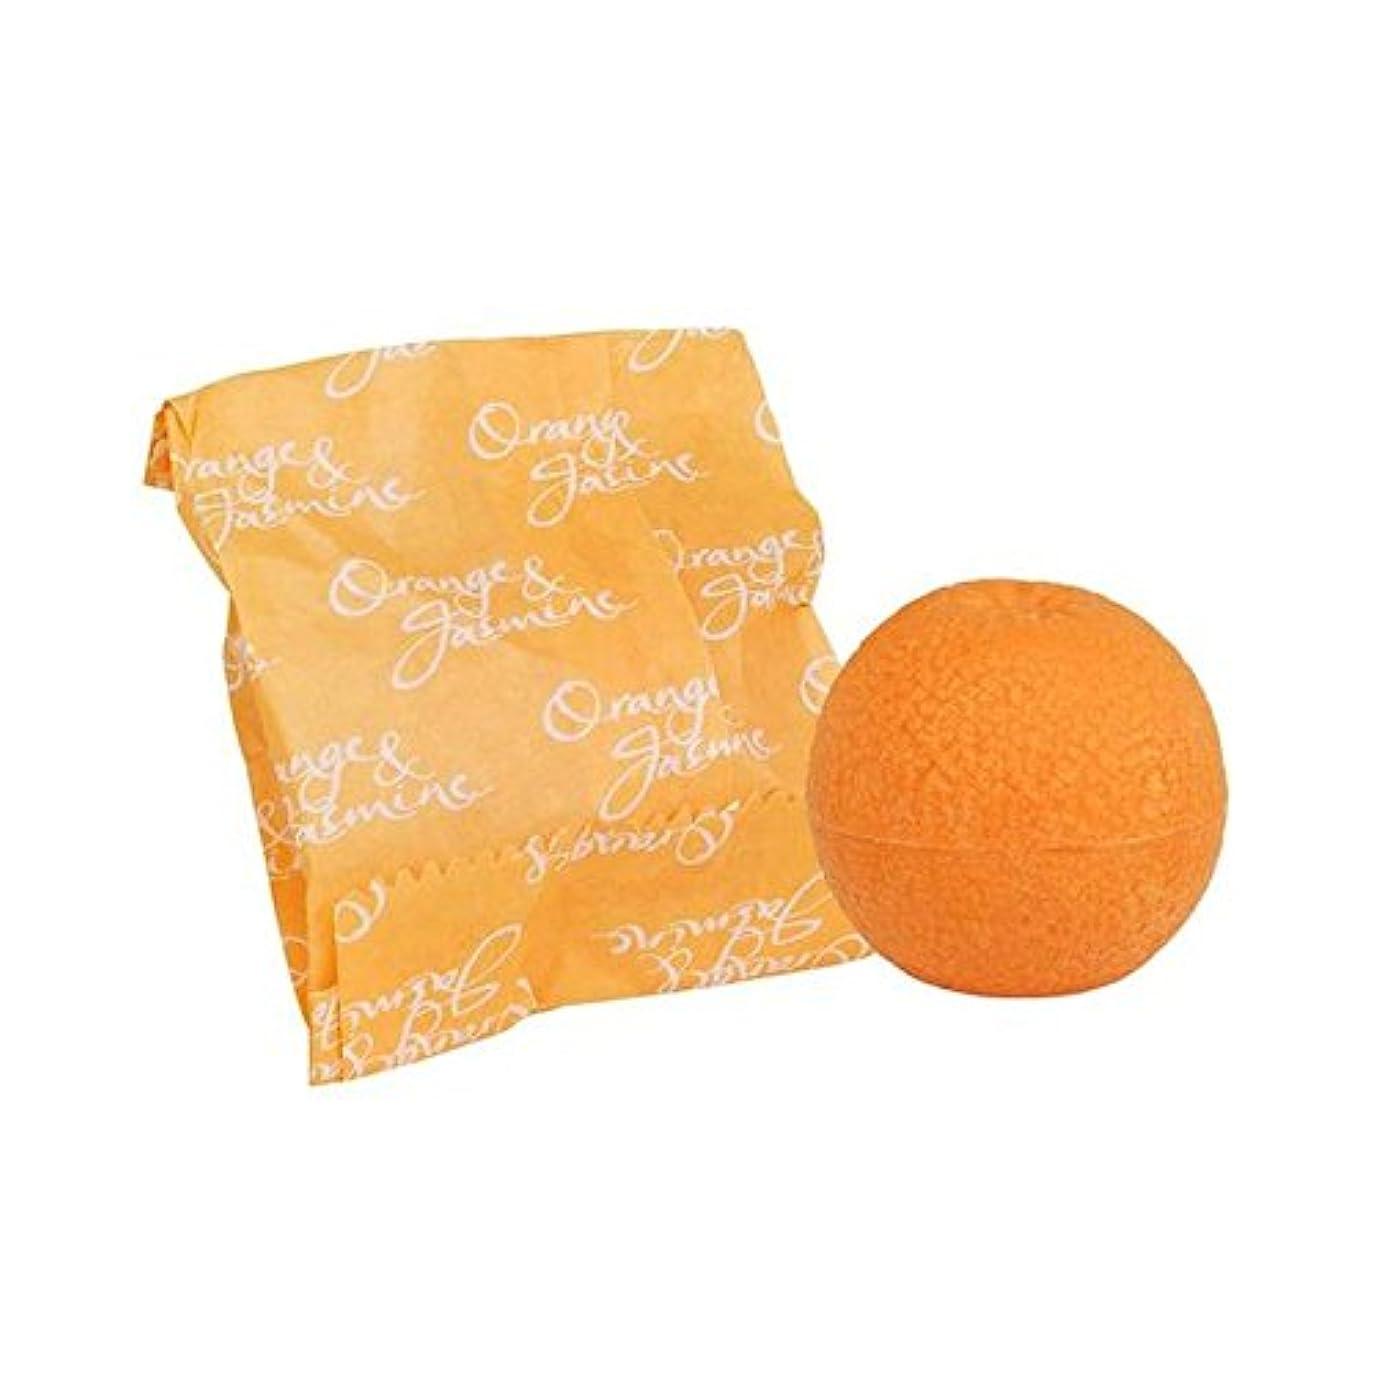 場合インスタンス歩き回るBronnley Orange & Jasmine Soap 100g - オレンジ&ジャスミン石鹸100グラム [並行輸入品]